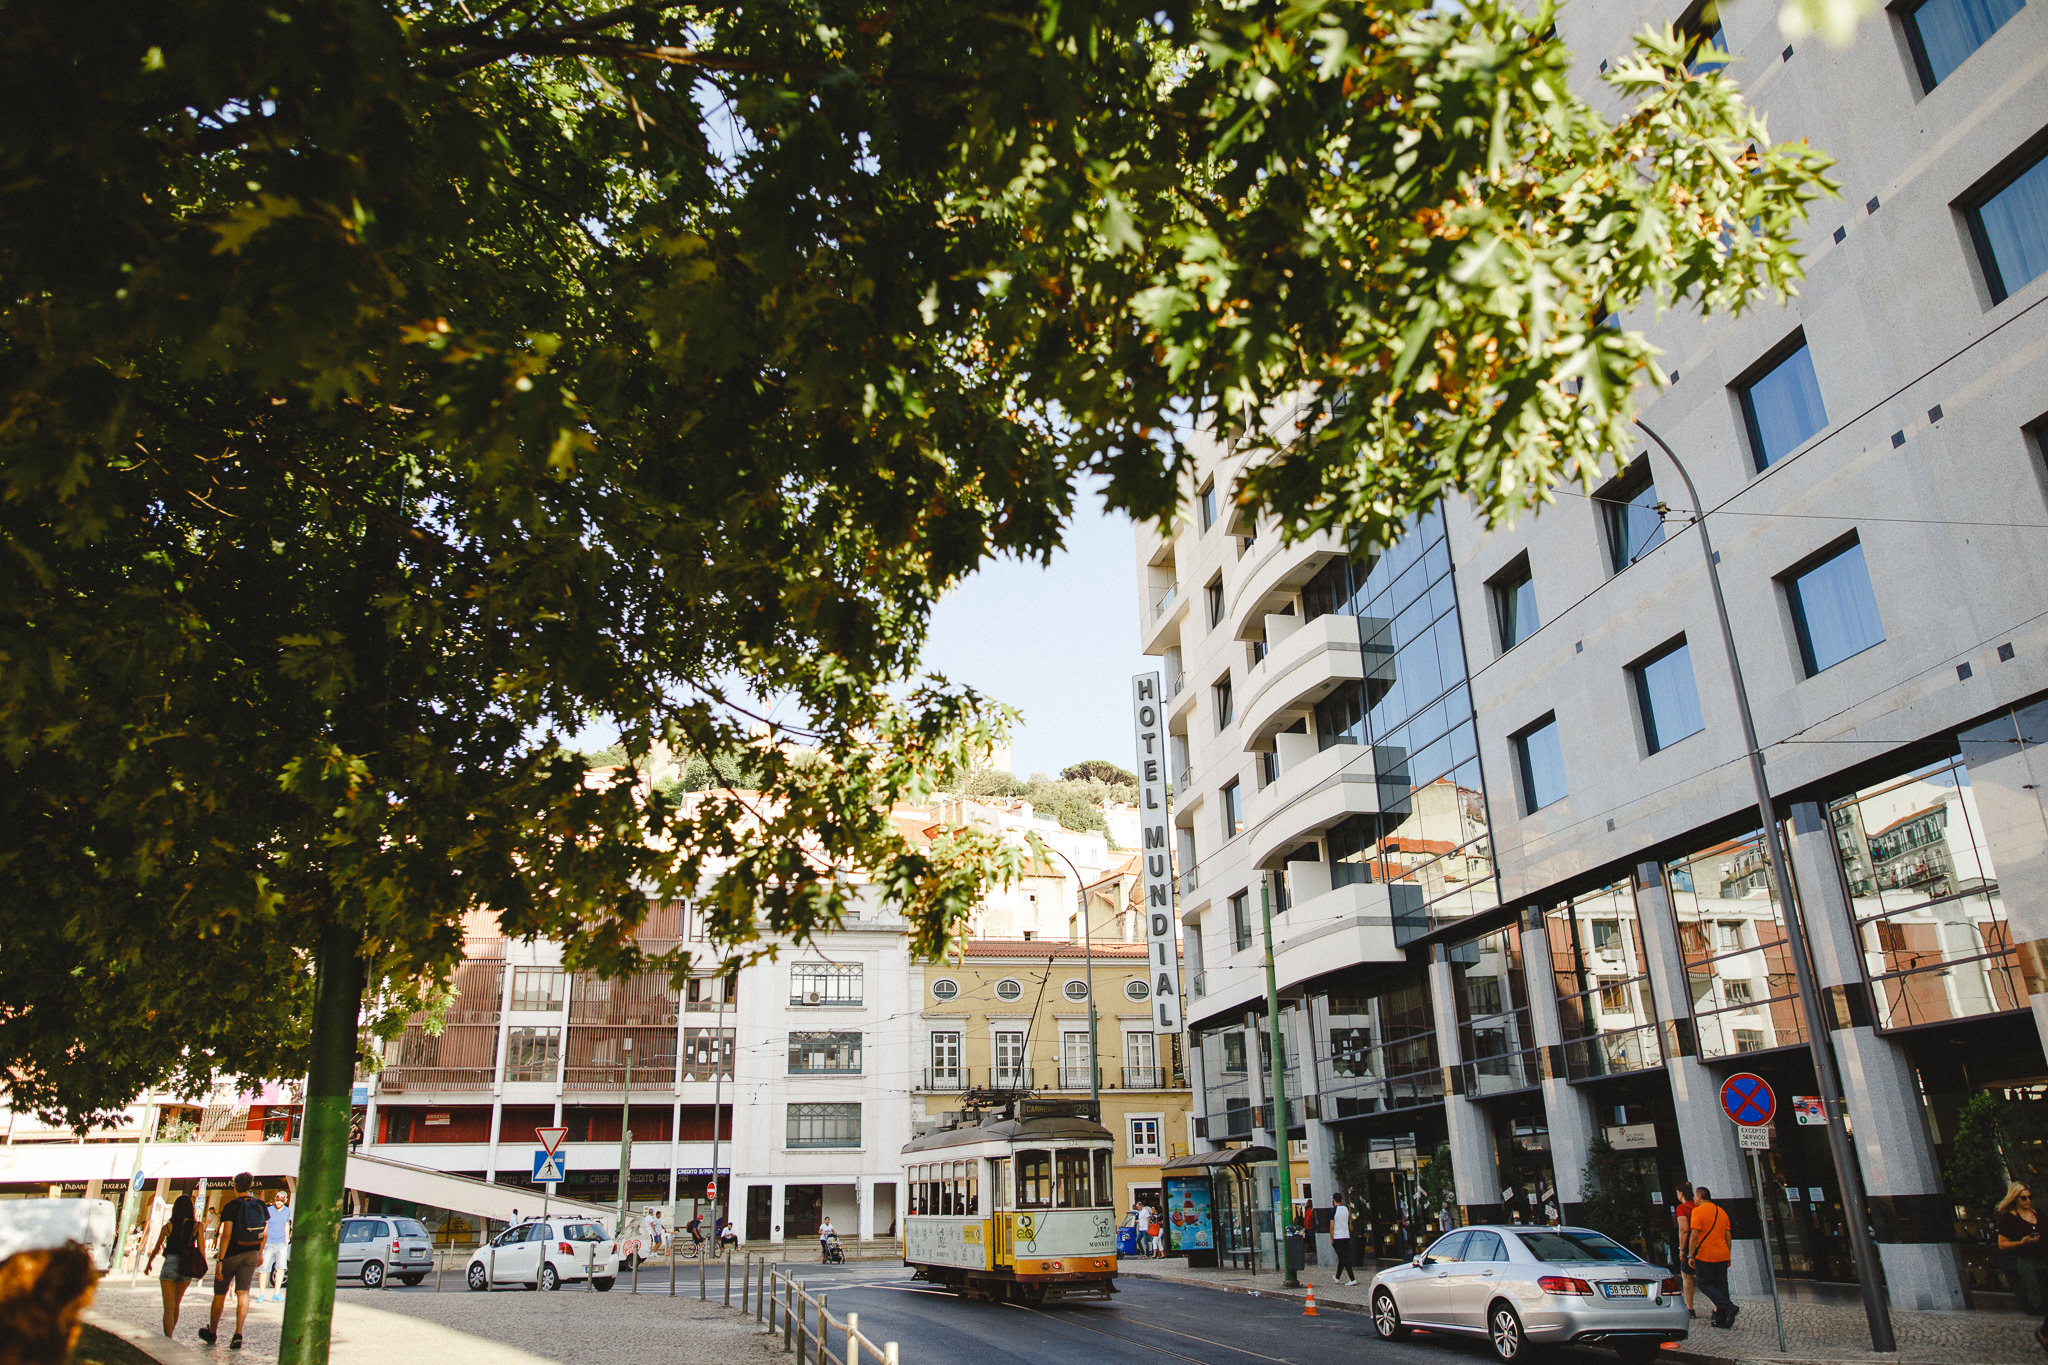 Sessão de Gravidez em Lisboa, Maternity Photo Shoot in Lisbon, Sessão de Grávida em Lisboa por Hello Twiggs